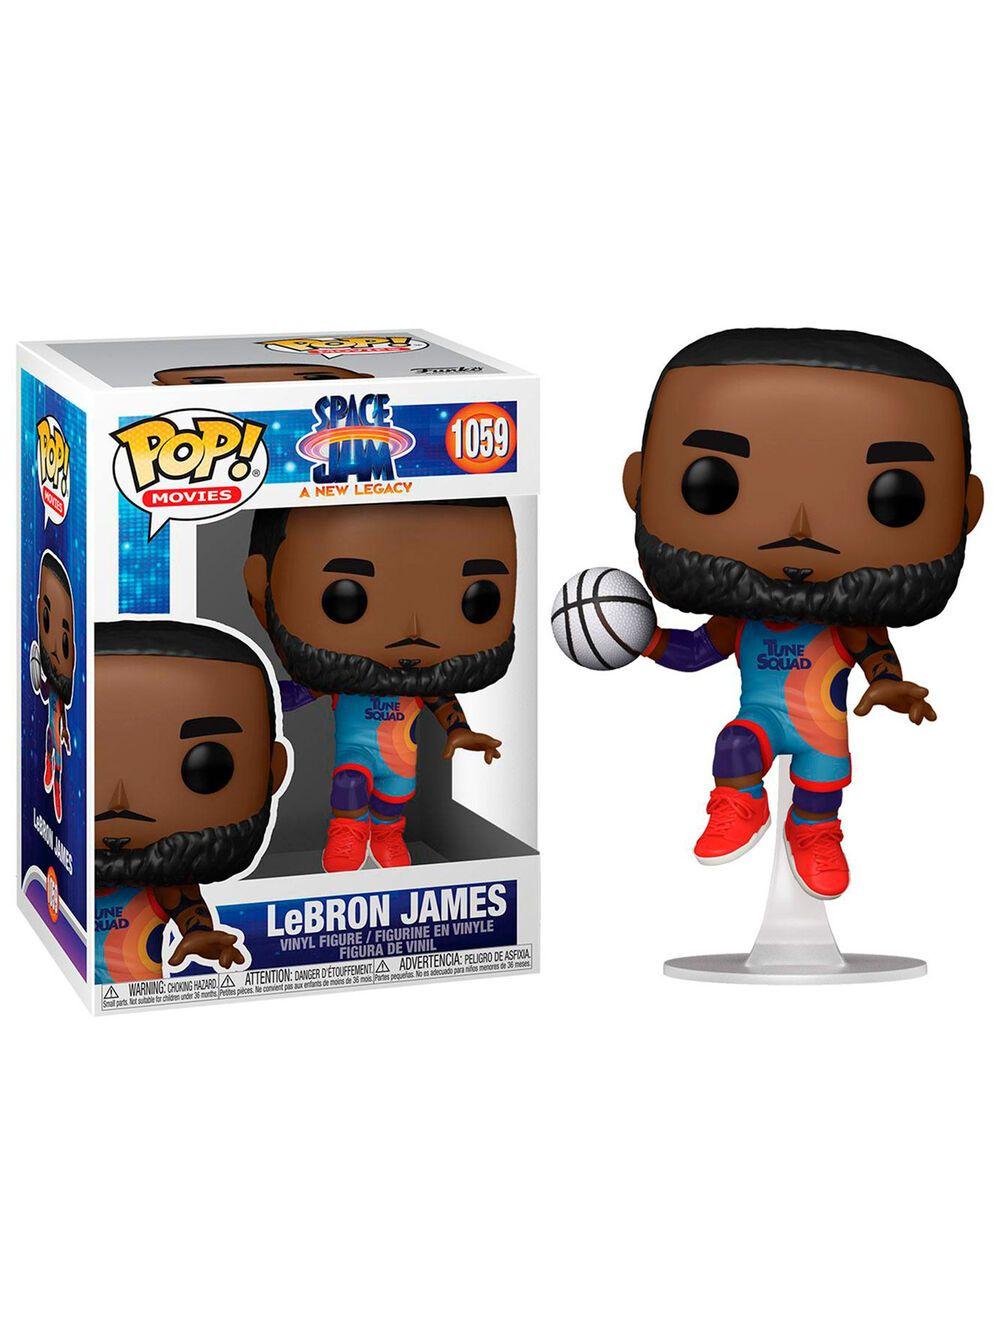 Funko POP! Space Jam 2 - LeBron James v.2